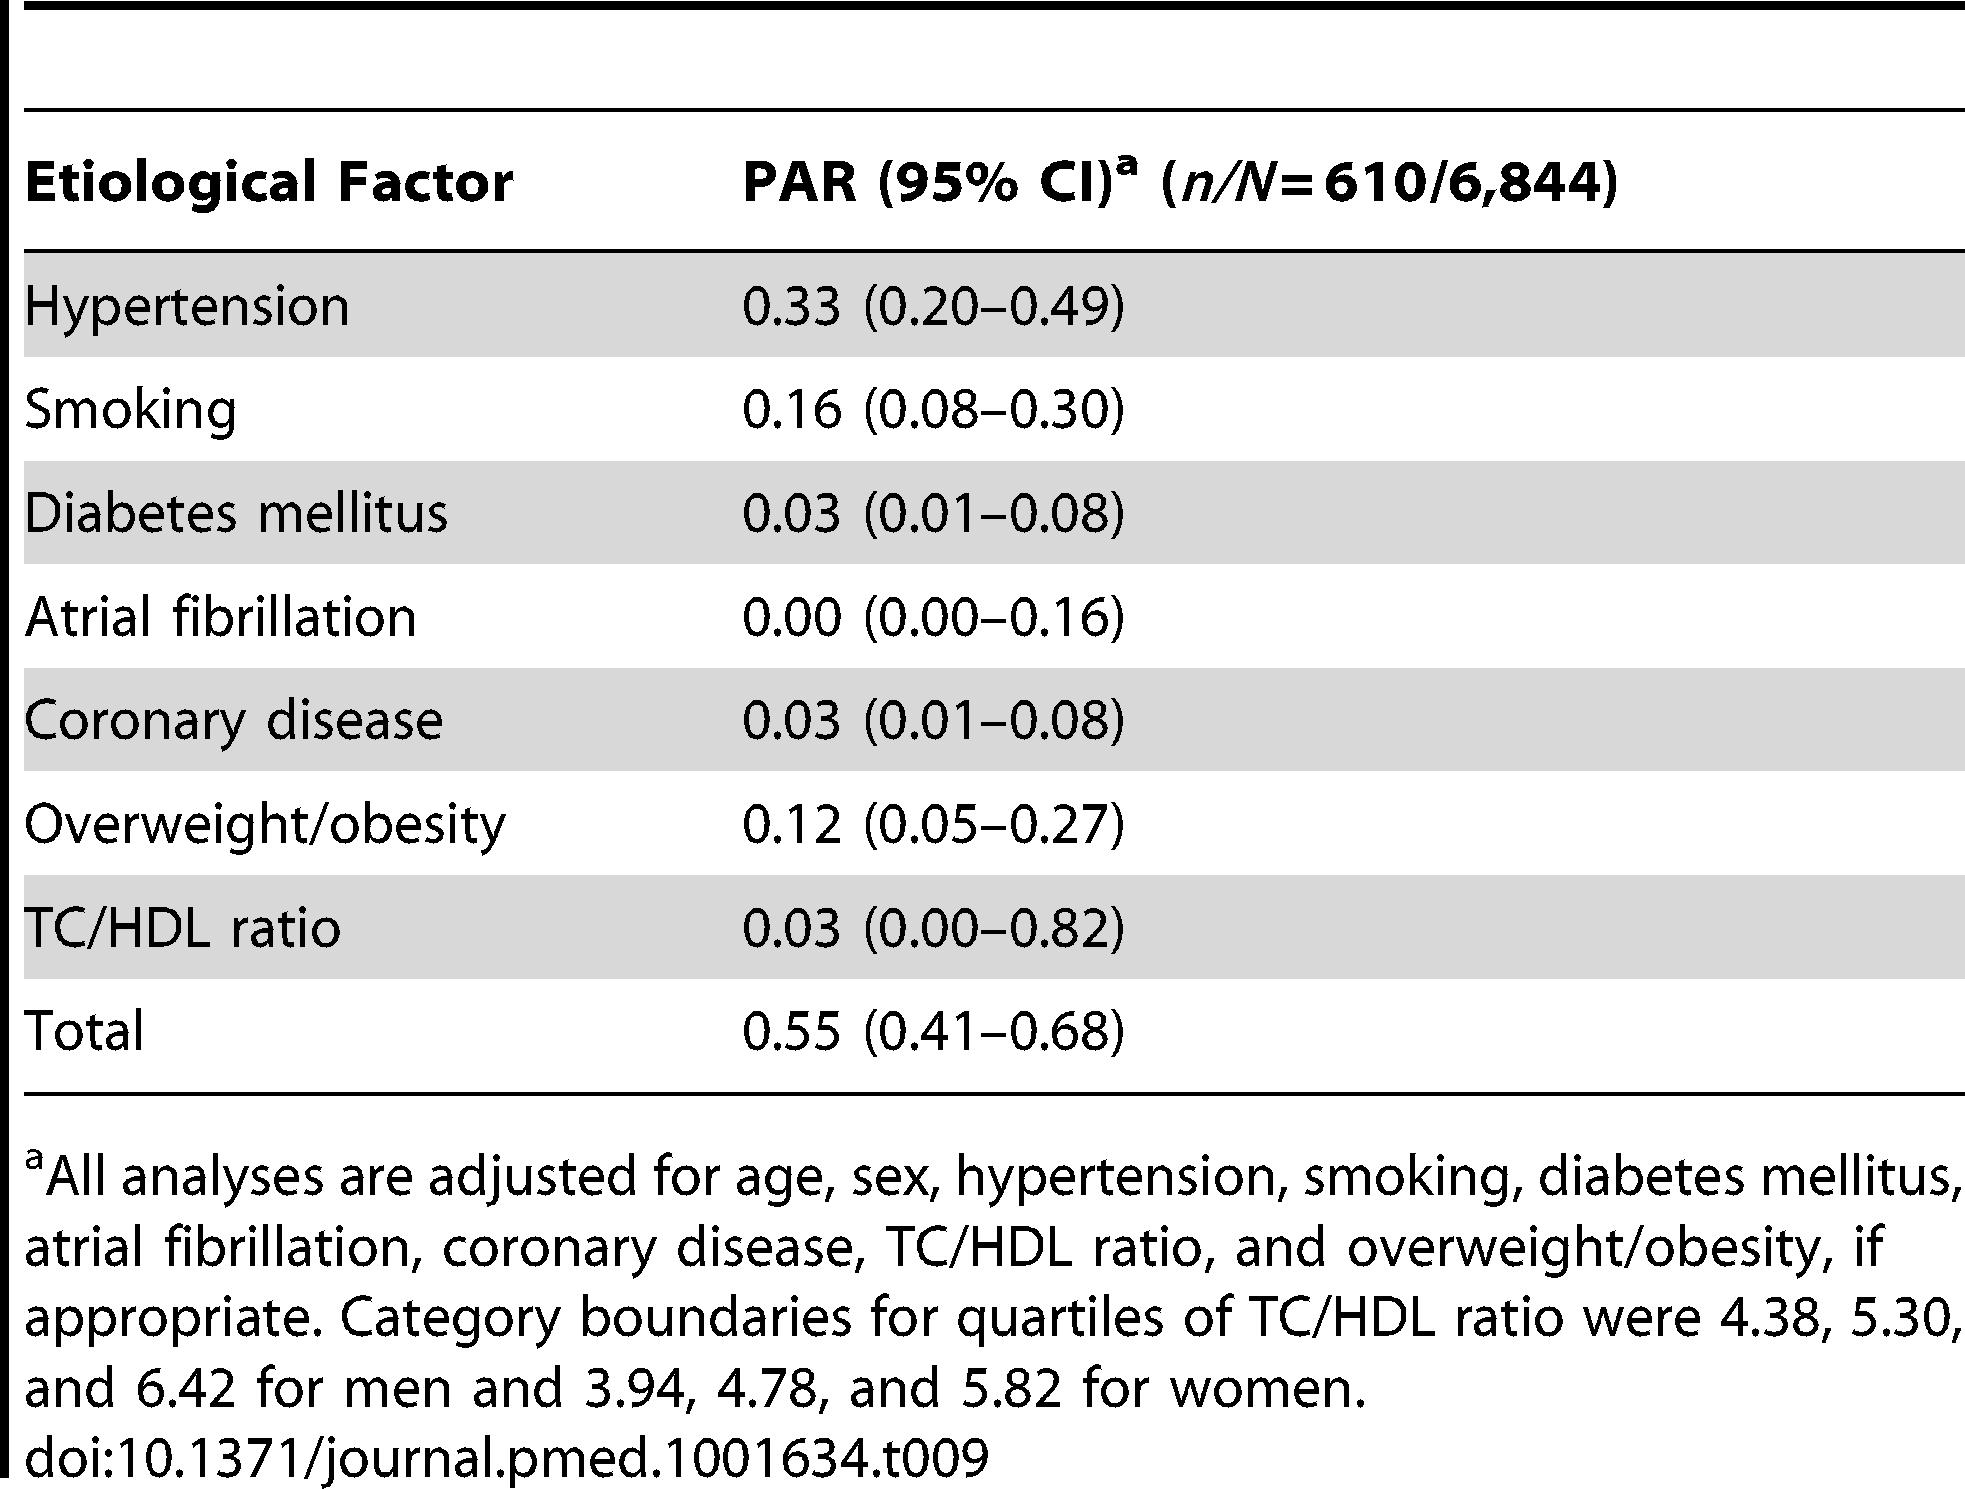 Population attributable risks of presumed etiological factors for ischemic stroke.